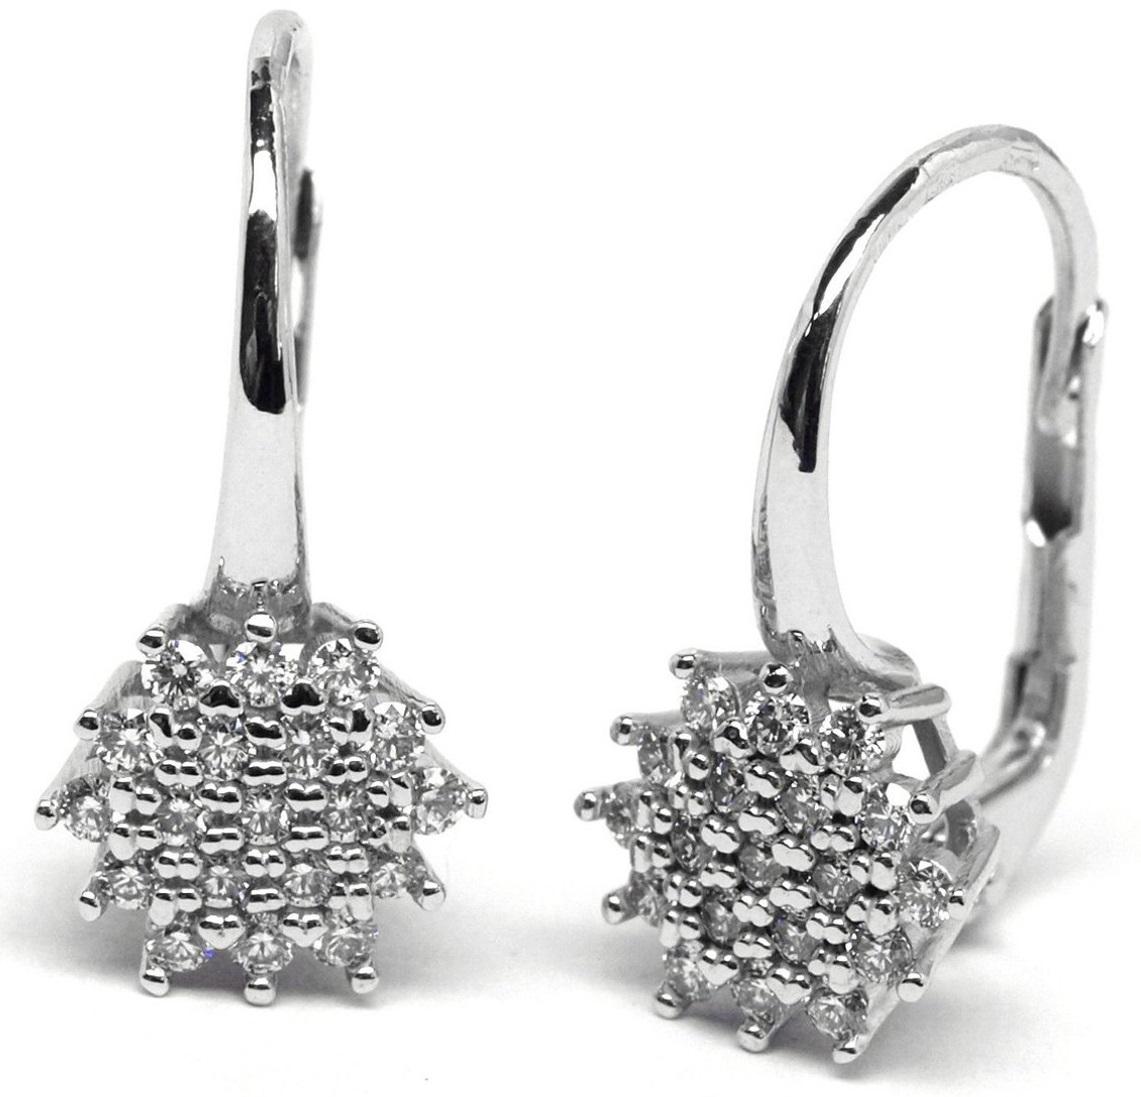 Luxusní zlaté náušnice s diamanty z bílého zlata na patent J-28291-17 (J-28291-17 - POŠTOVNÉ ZDARMA!!)